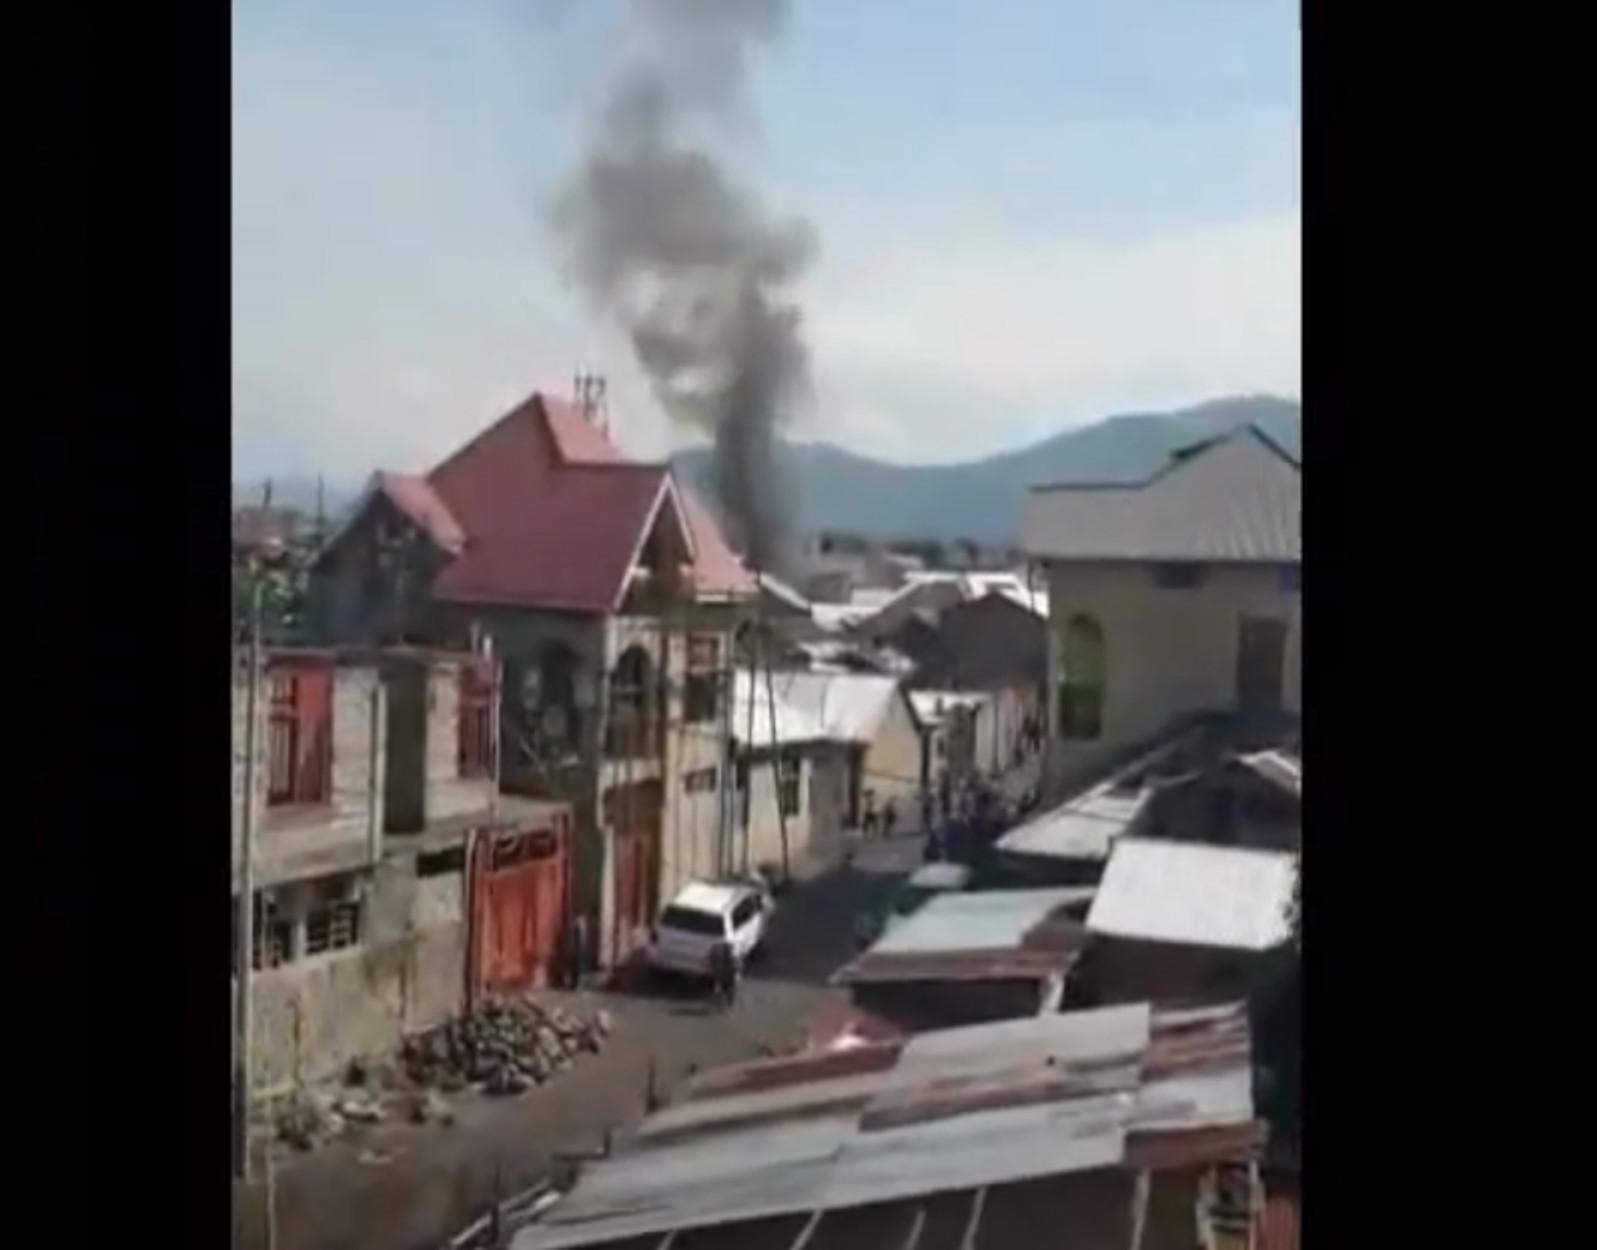 Κονγκό: Αεροπλάνο απογειώθηκε και… έπεσε πάνω σε σπίτια! 29 νεκροί – video